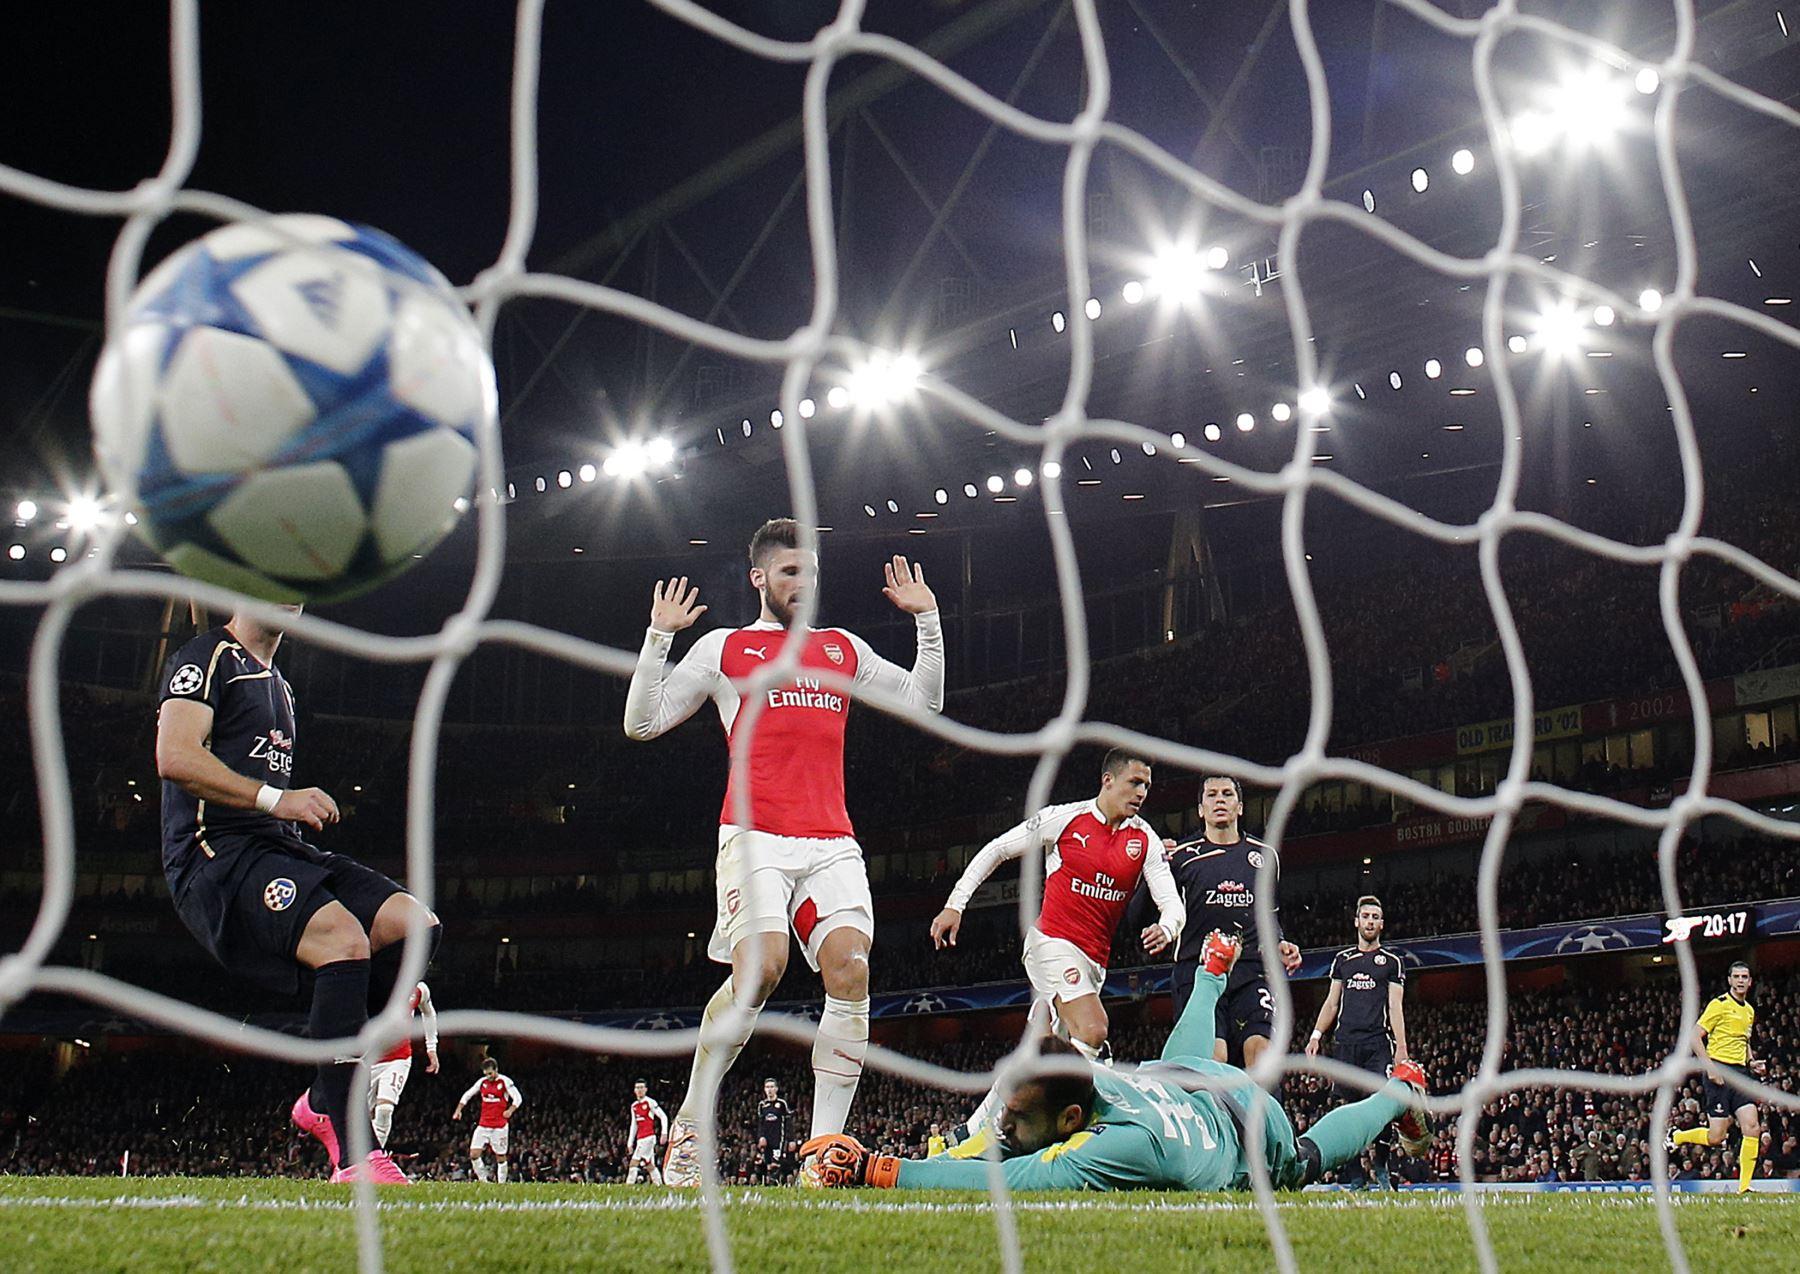 Arsenal venció 3-0 al Dinamo Zagreb con doblete de Alexis Sánchez por Liga de Campeones. Foto: AFP.